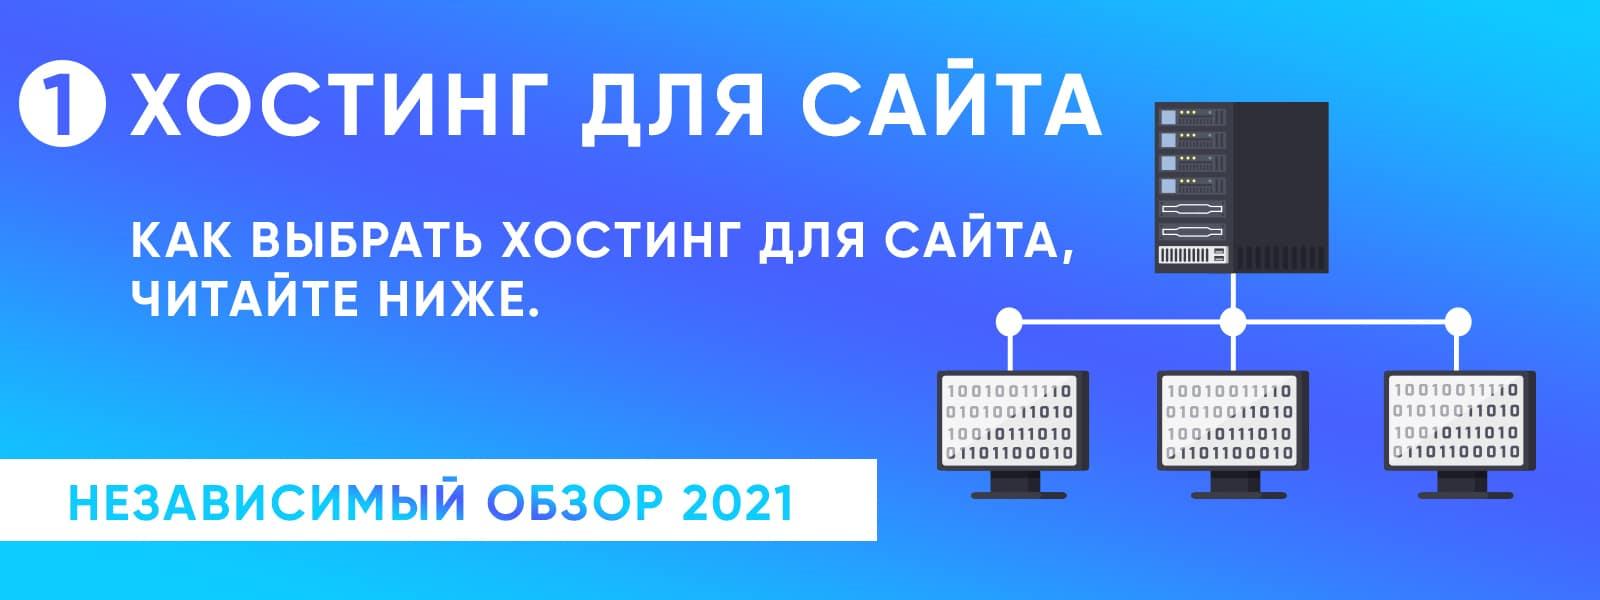 Как выбрать надежный хостинг 2021